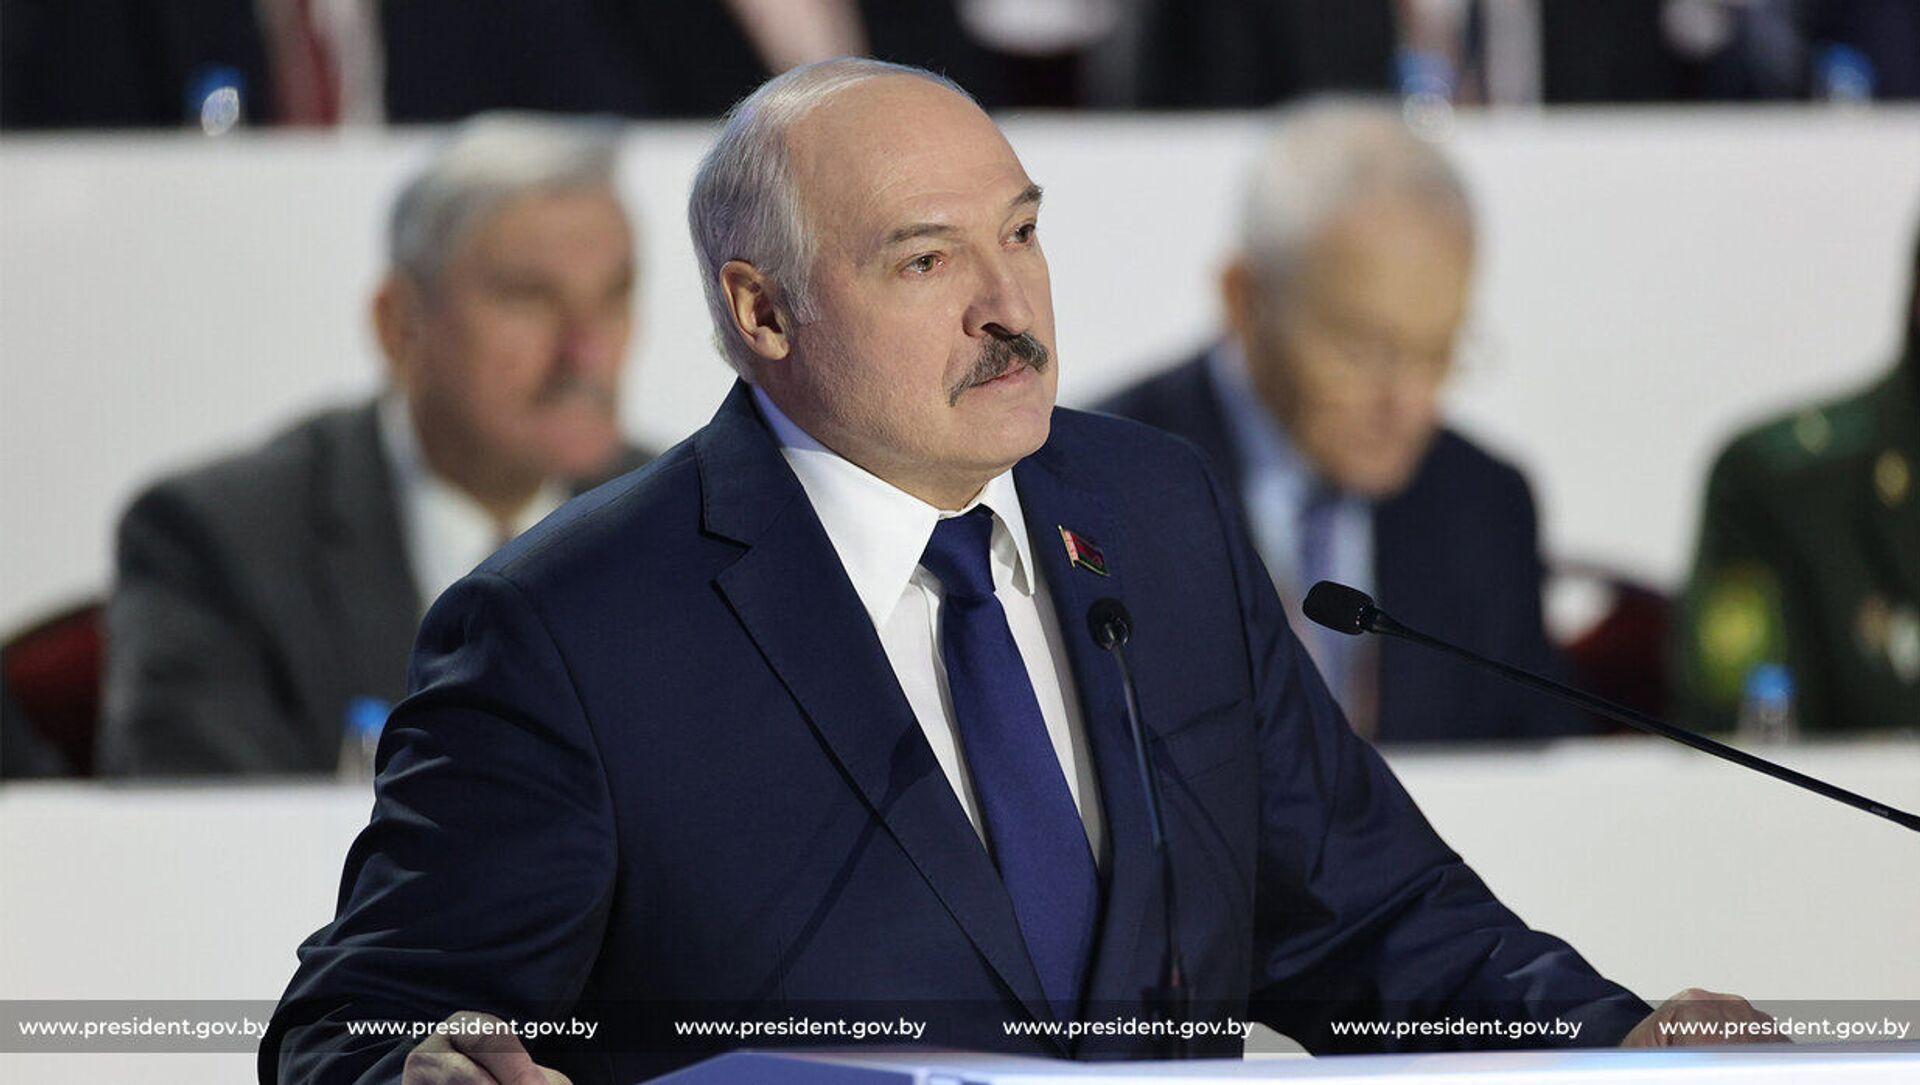 Prezydent Białorusi Alaksandr Łukaszenka przemawia na VI Ogólnobiałoruskim Zgromadzeniu Ludowym - Sputnik Polska, 1920, 12.02.2021